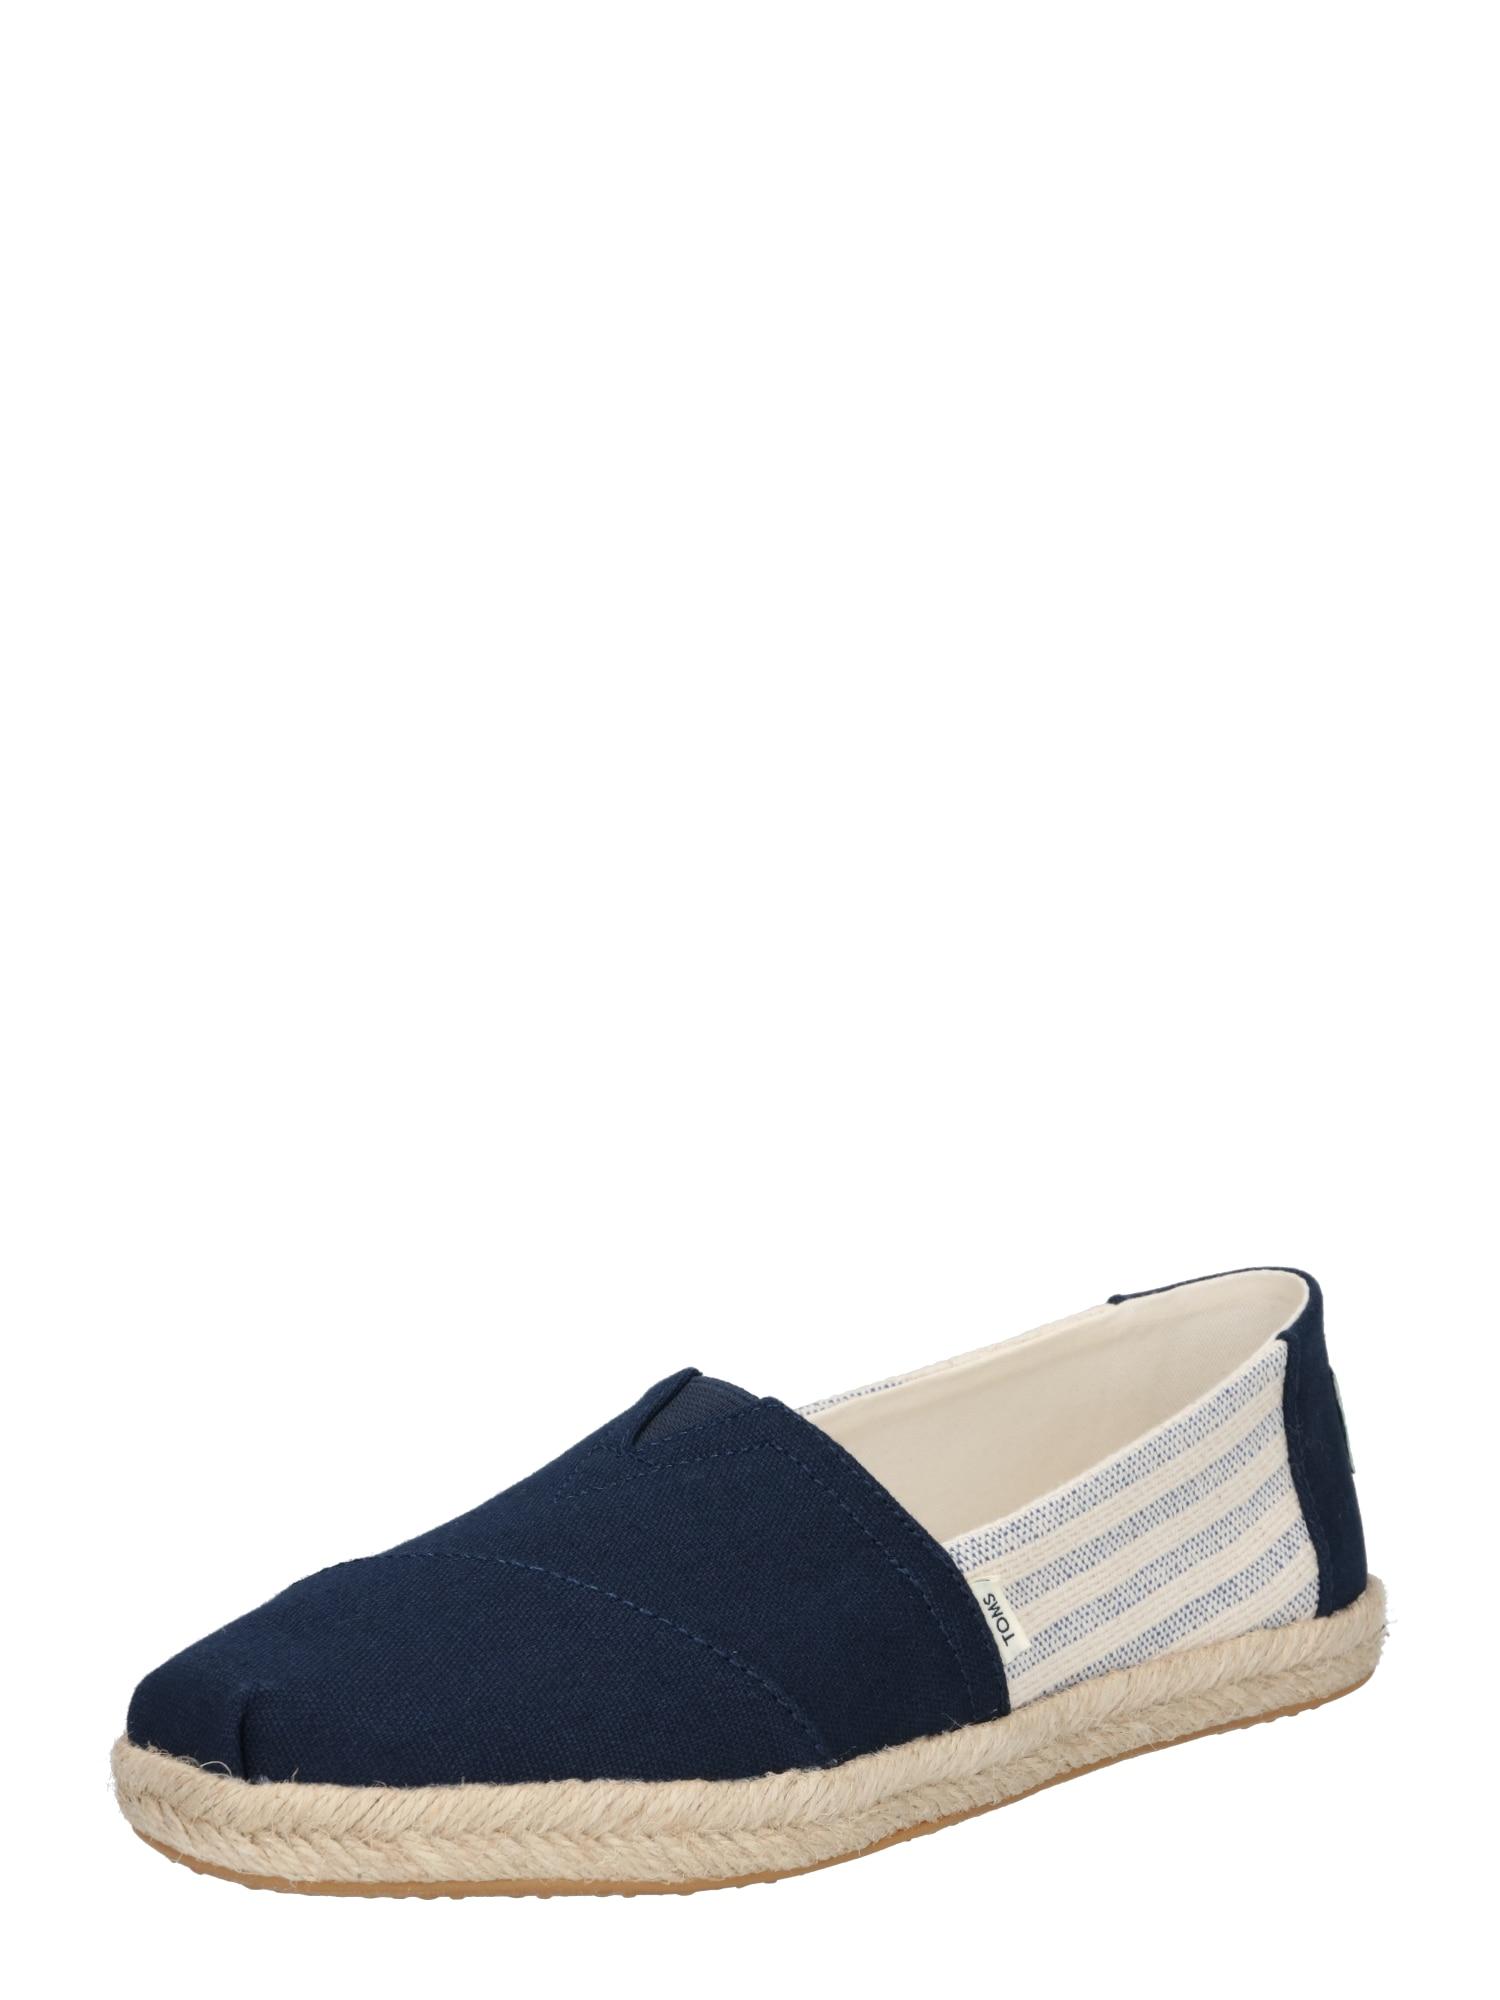 TOMS Espadrilky  námořnická modř / bílá / modrý melír / béžová